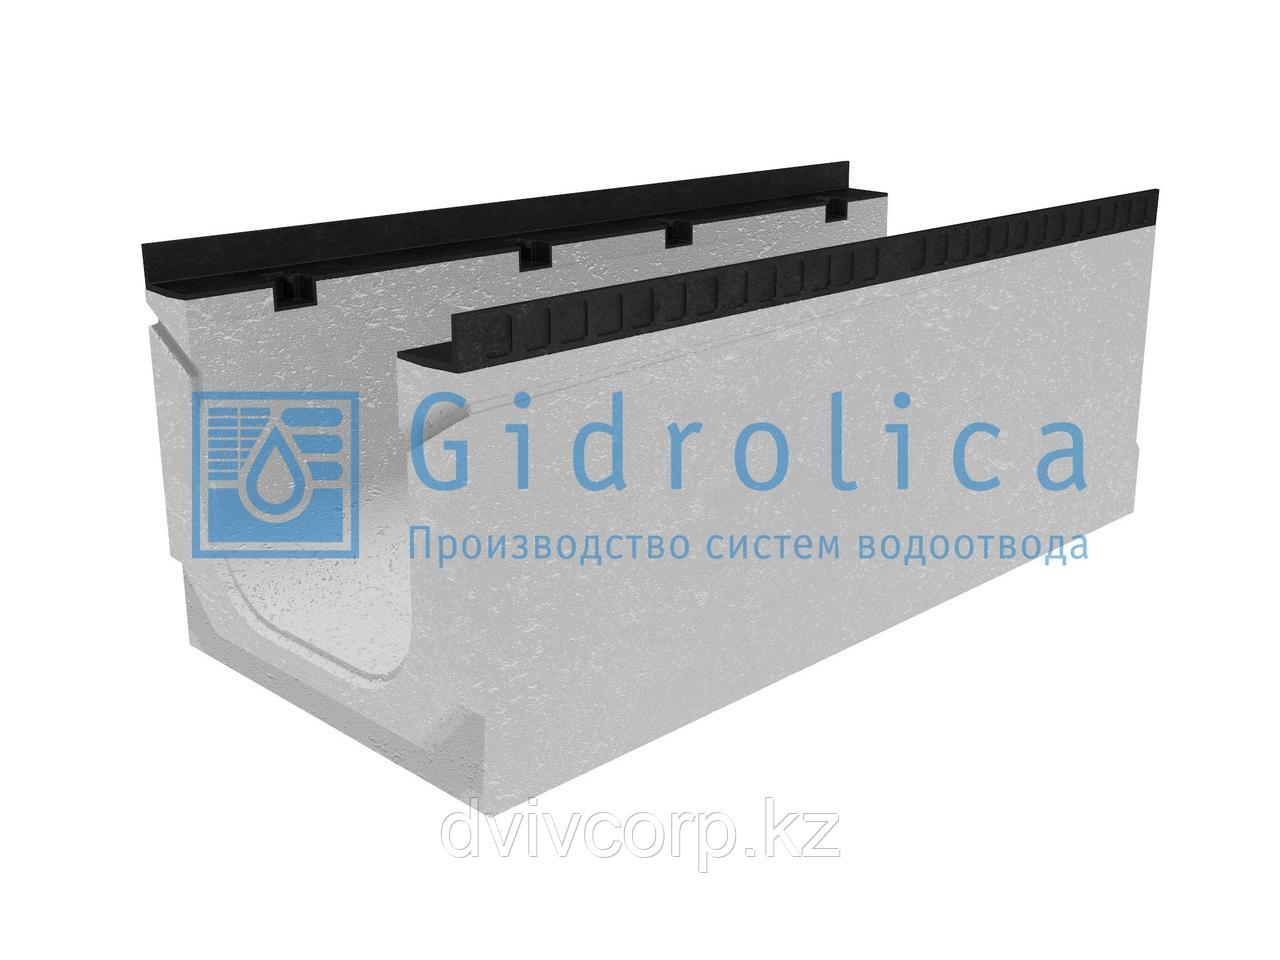 Лоток водоотводный бетонный коробчатый (СО-300мм), с уклоном 0,5%  КПу 100.44(30).40,5(33,5) - BGМ-F, № 19